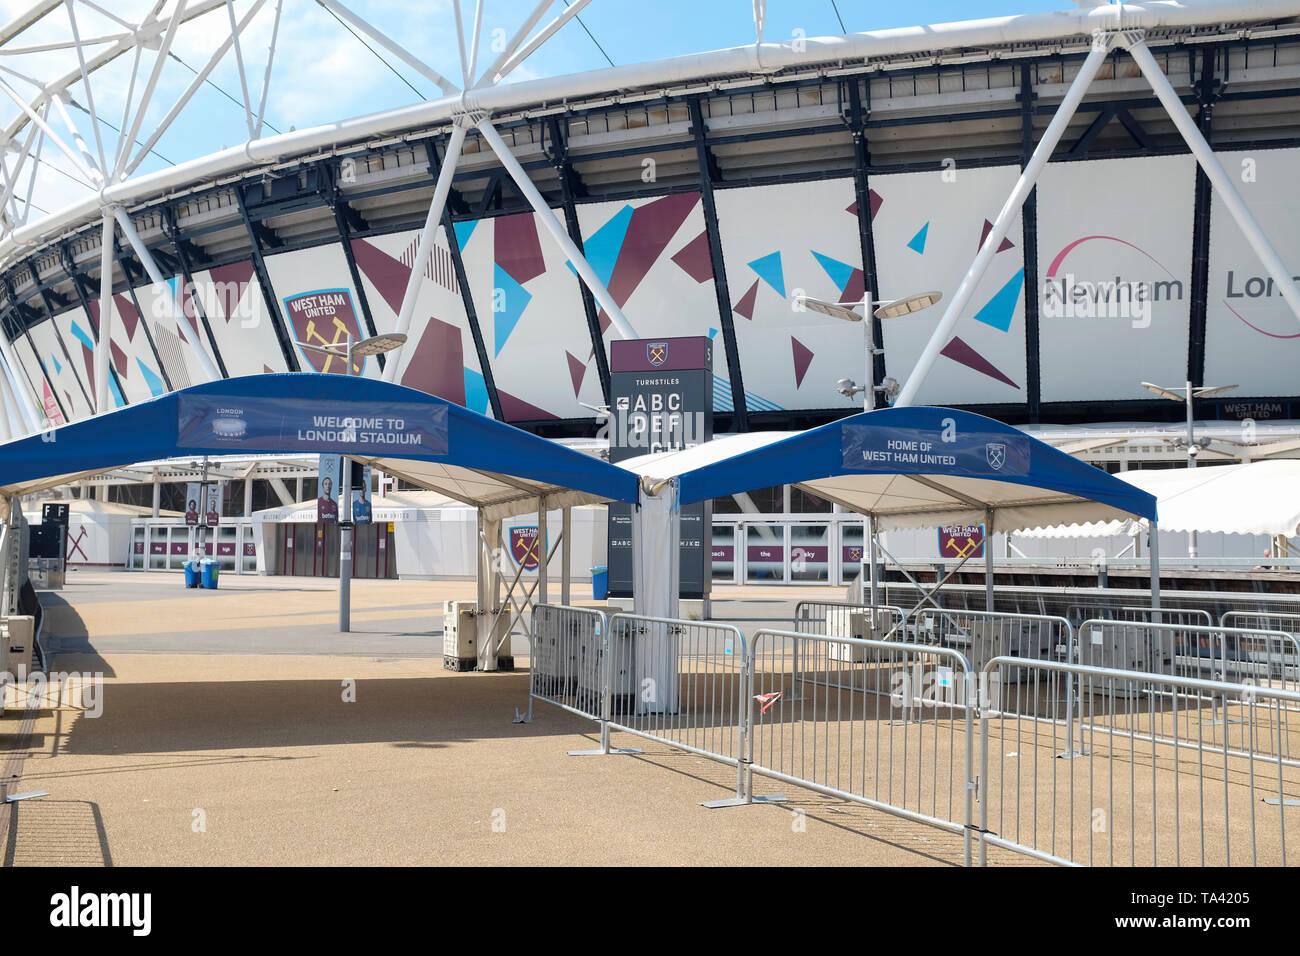 El London Stadium, hogar del West Ham United y el atletismo en el Reino Unido. Imagen De Stock